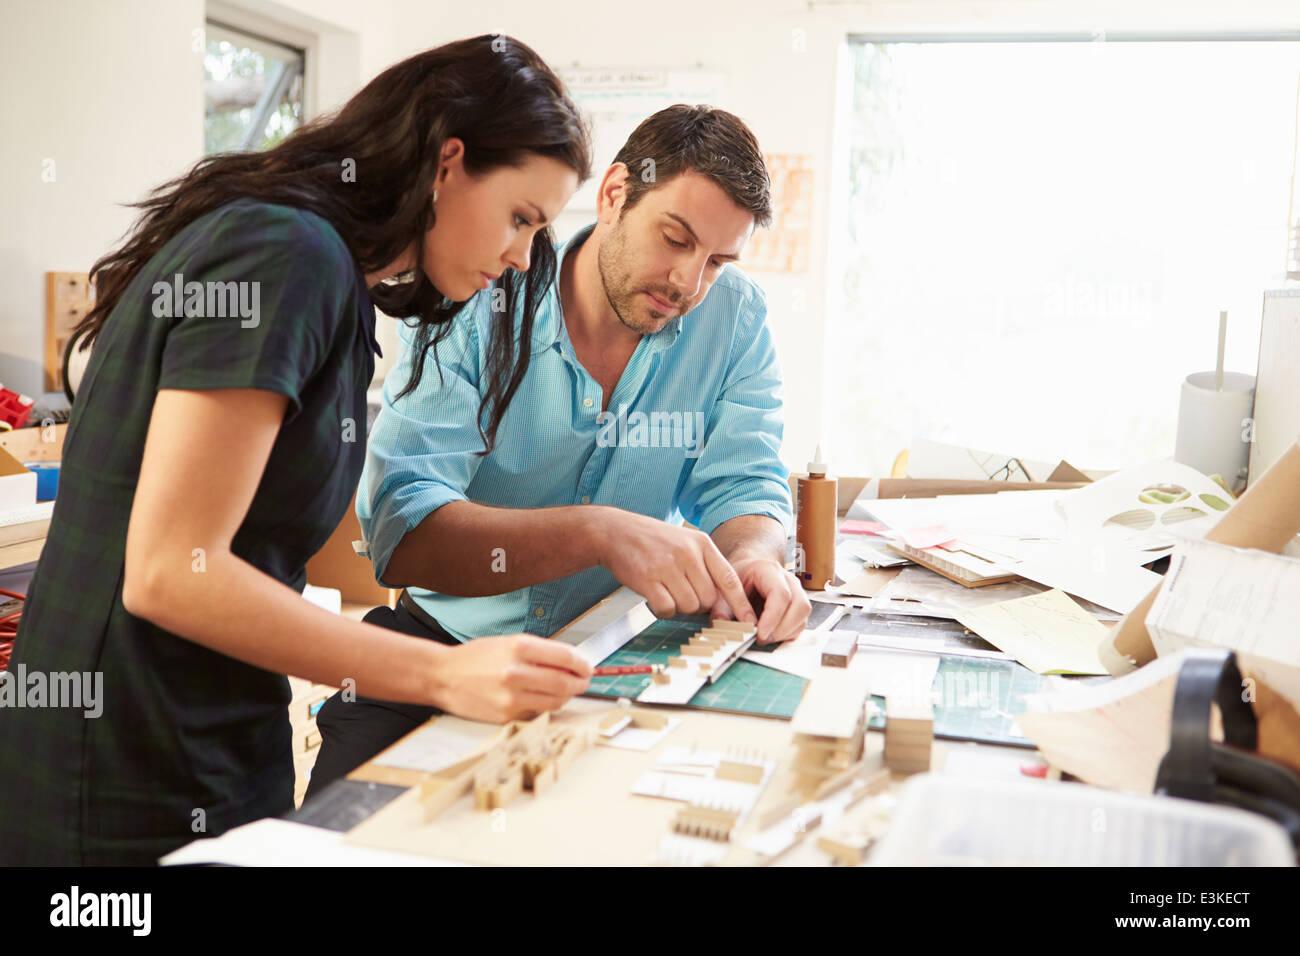 model making stockfotos model making bilder alamy. Black Bedroom Furniture Sets. Home Design Ideas